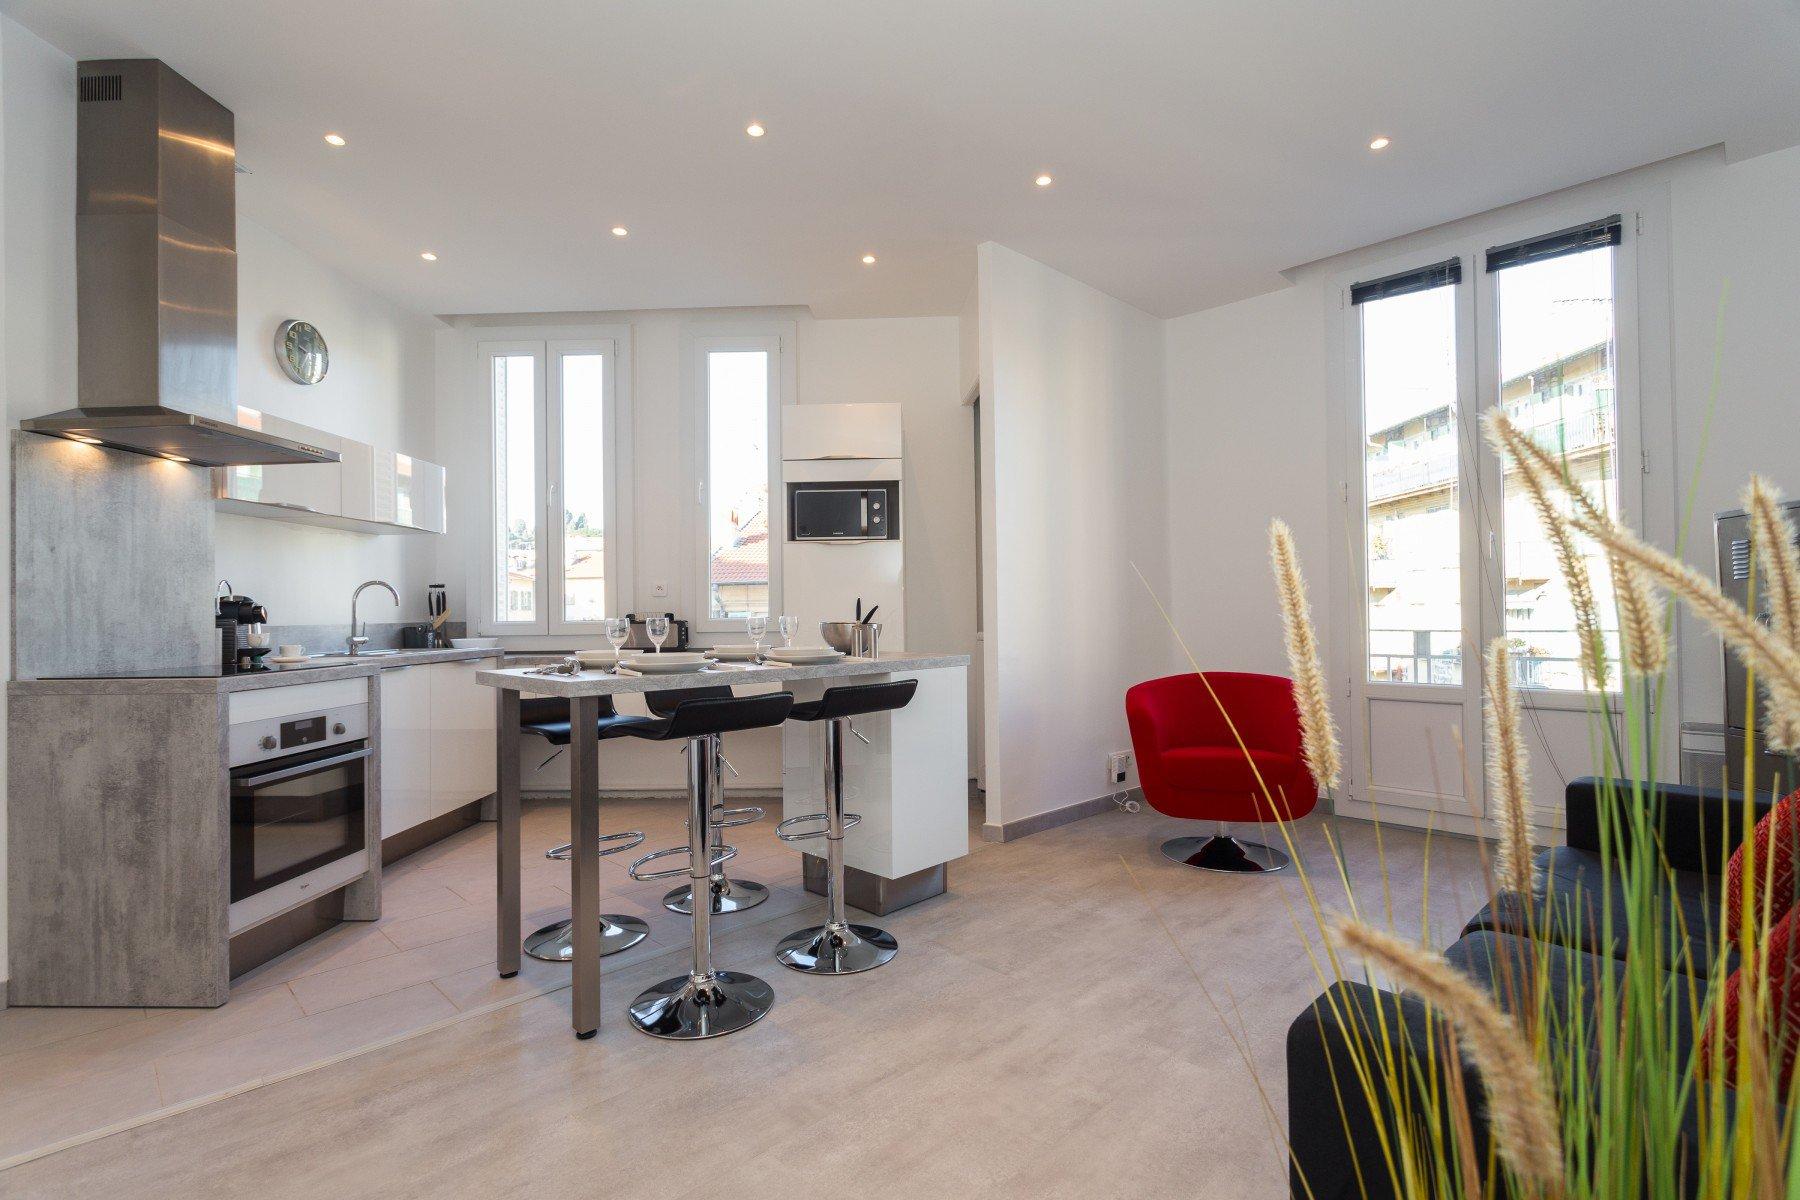 Location deux pièces meublés - Rue LASCARIS